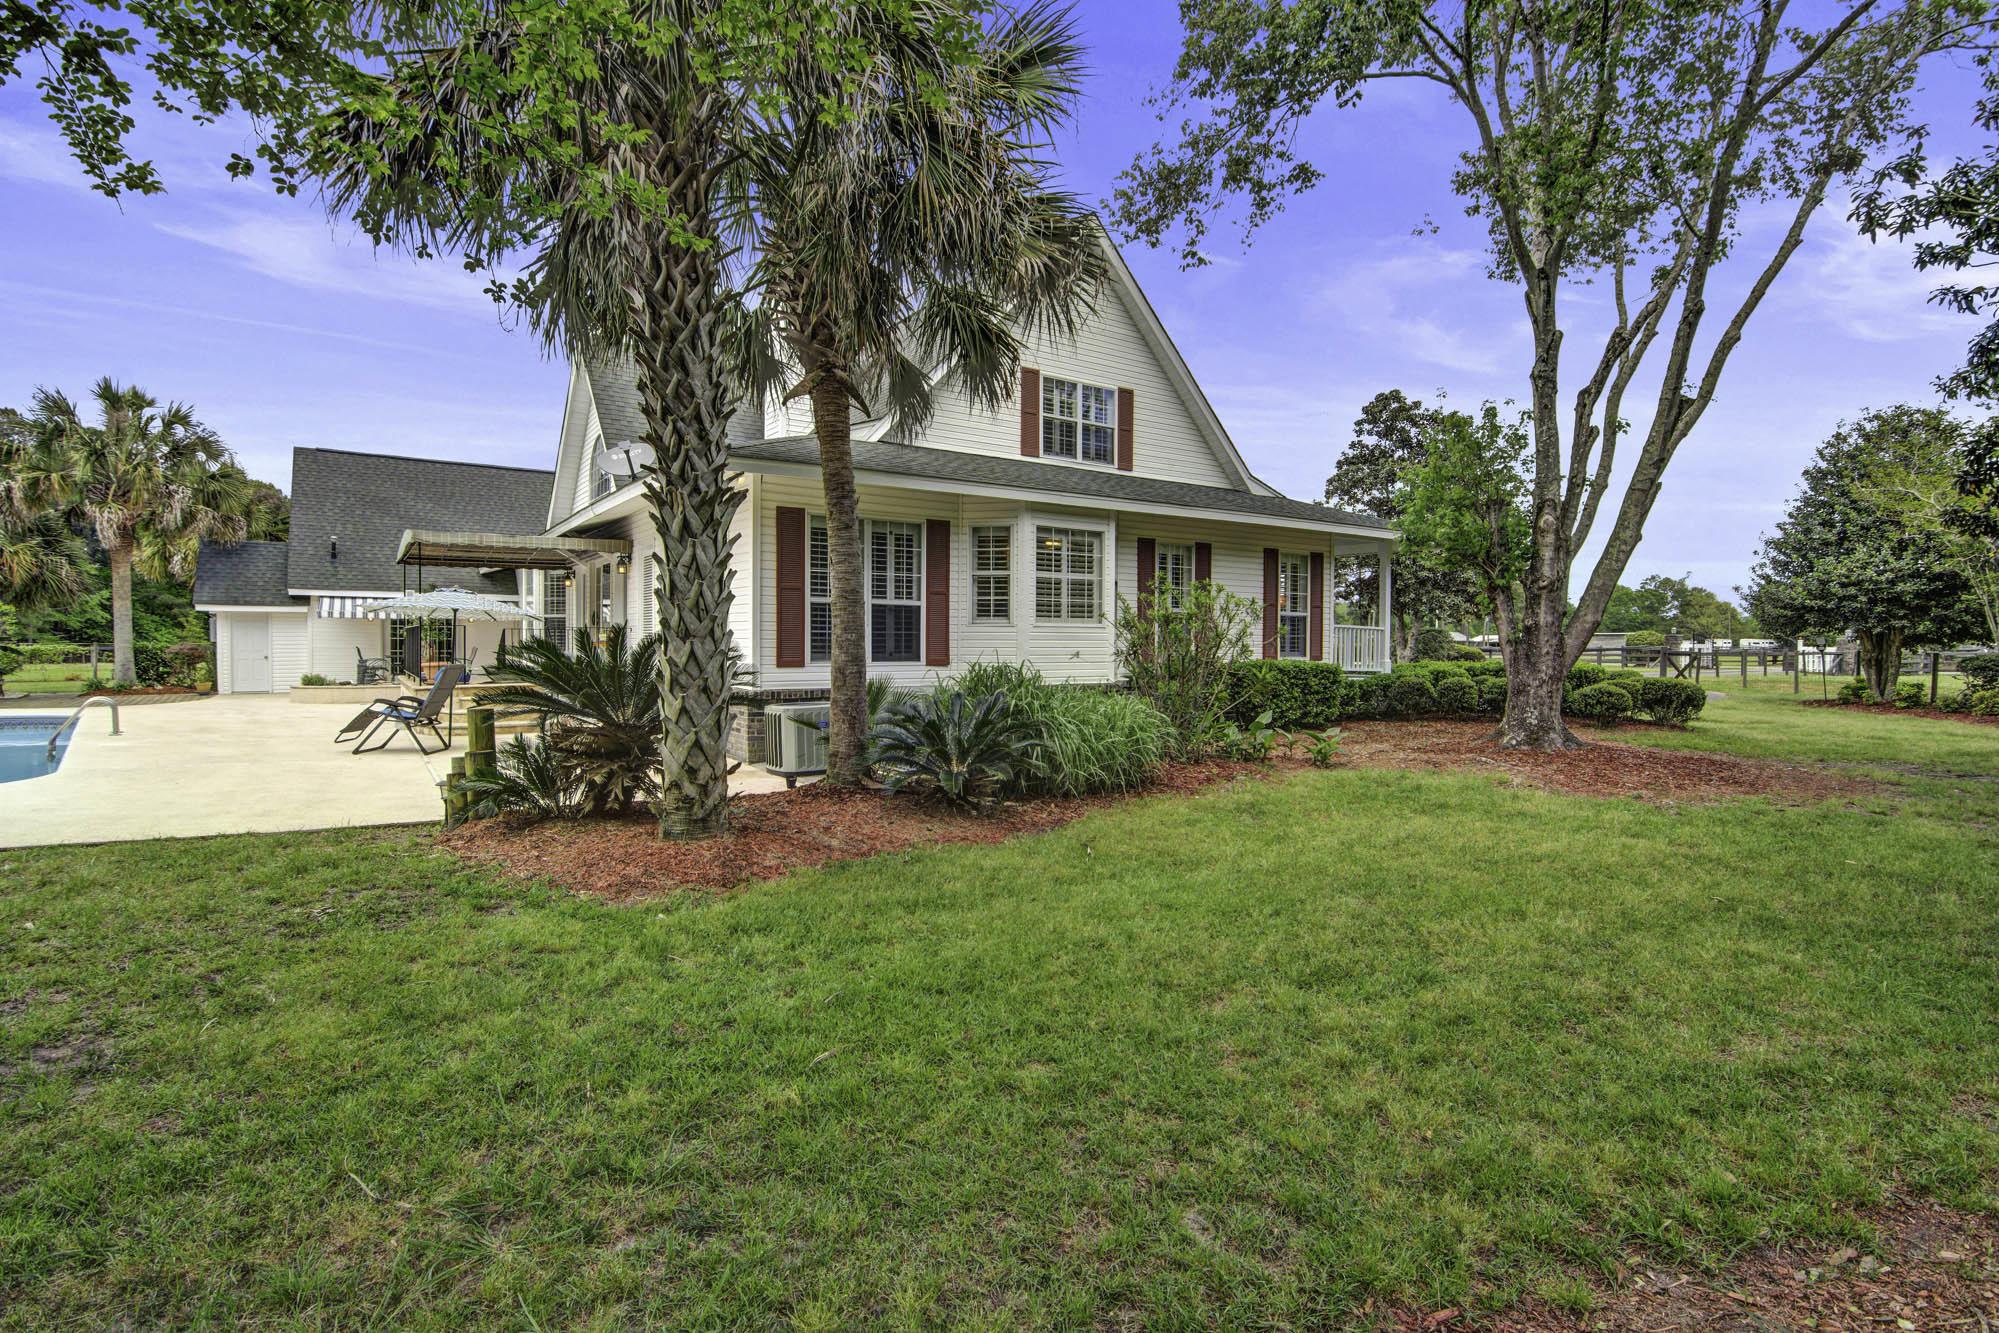 Walton Grove Homes For Sale - 119 Walton Grove, Summerville, SC - 53